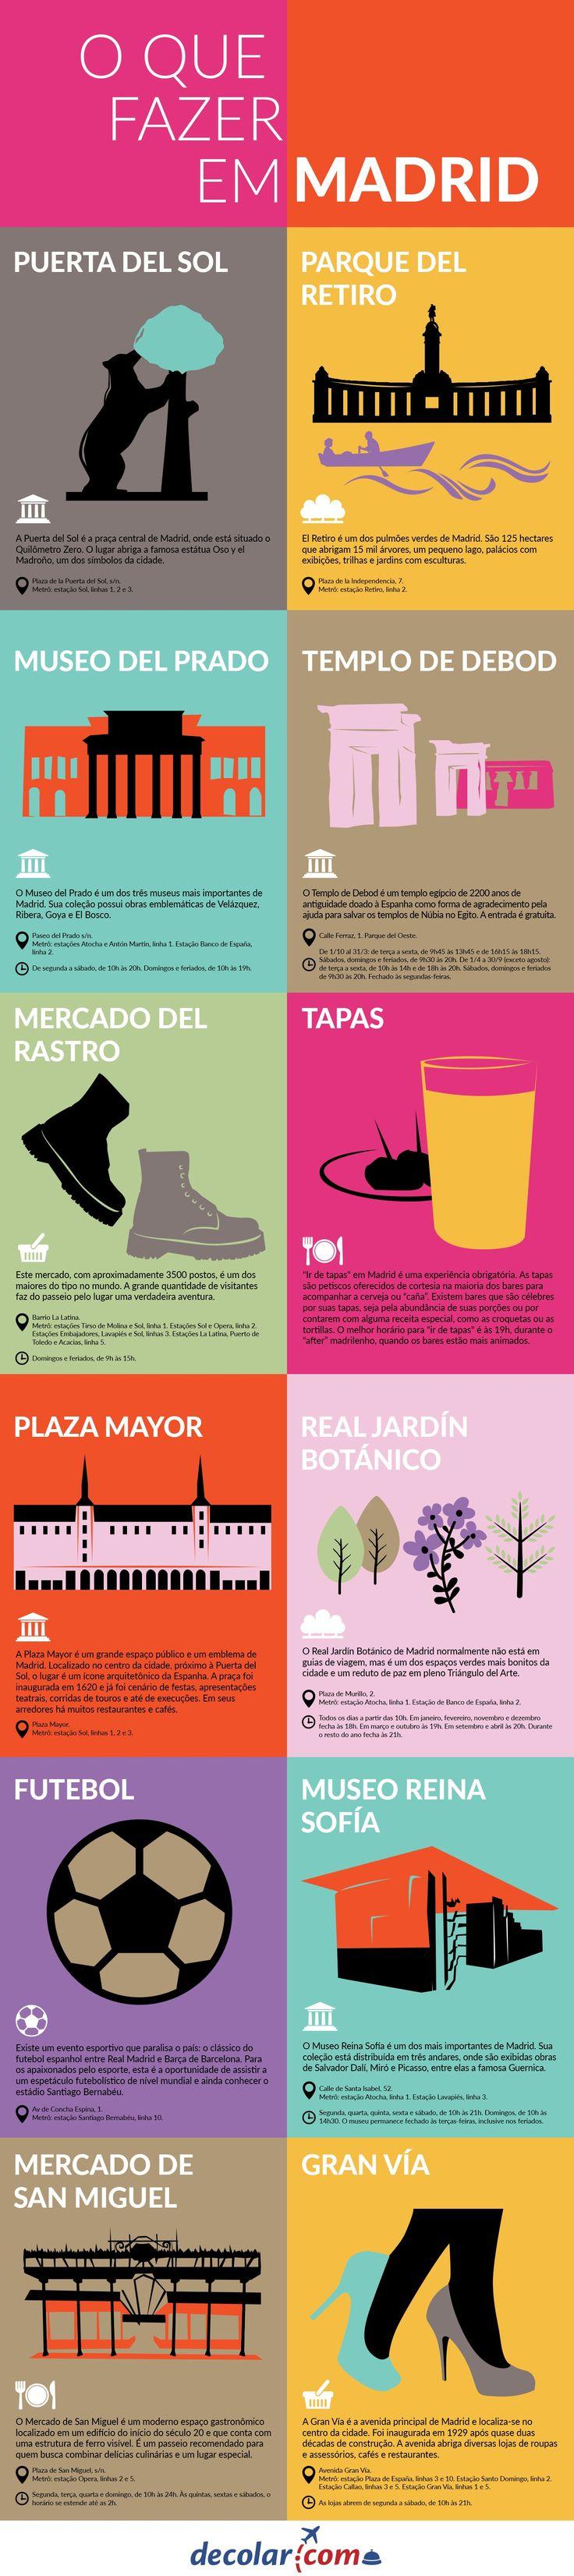 Confira no infográfico abaixo os pontos turísticos imperdíveis de #Madrid e inclua agora mesmo em seu #roteiro! #viagem